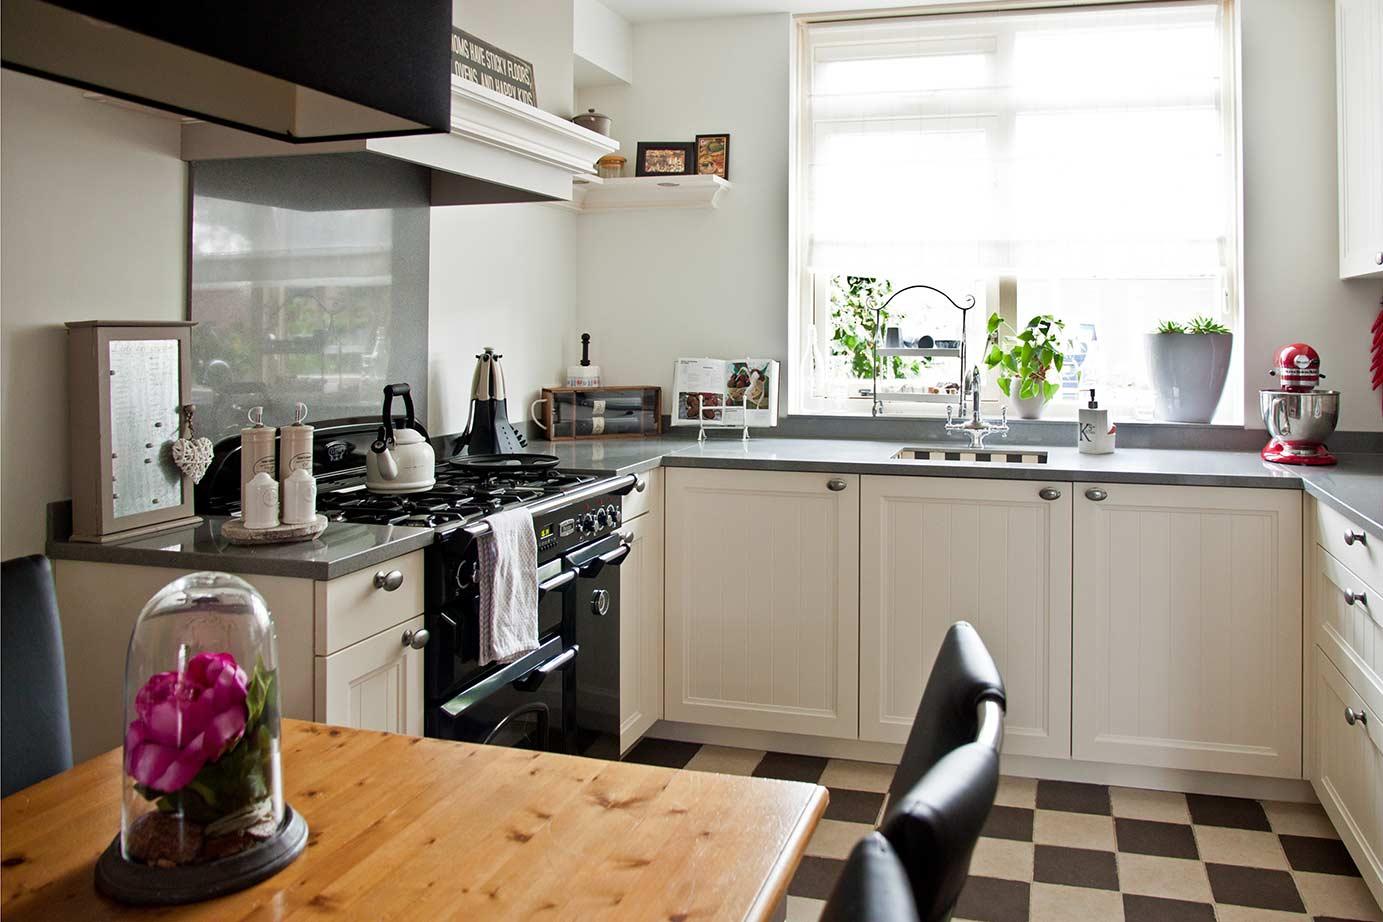 Keukens Sneek Kleuren : Bruynzeel keuken showmodel u2013 informatie over de keuken